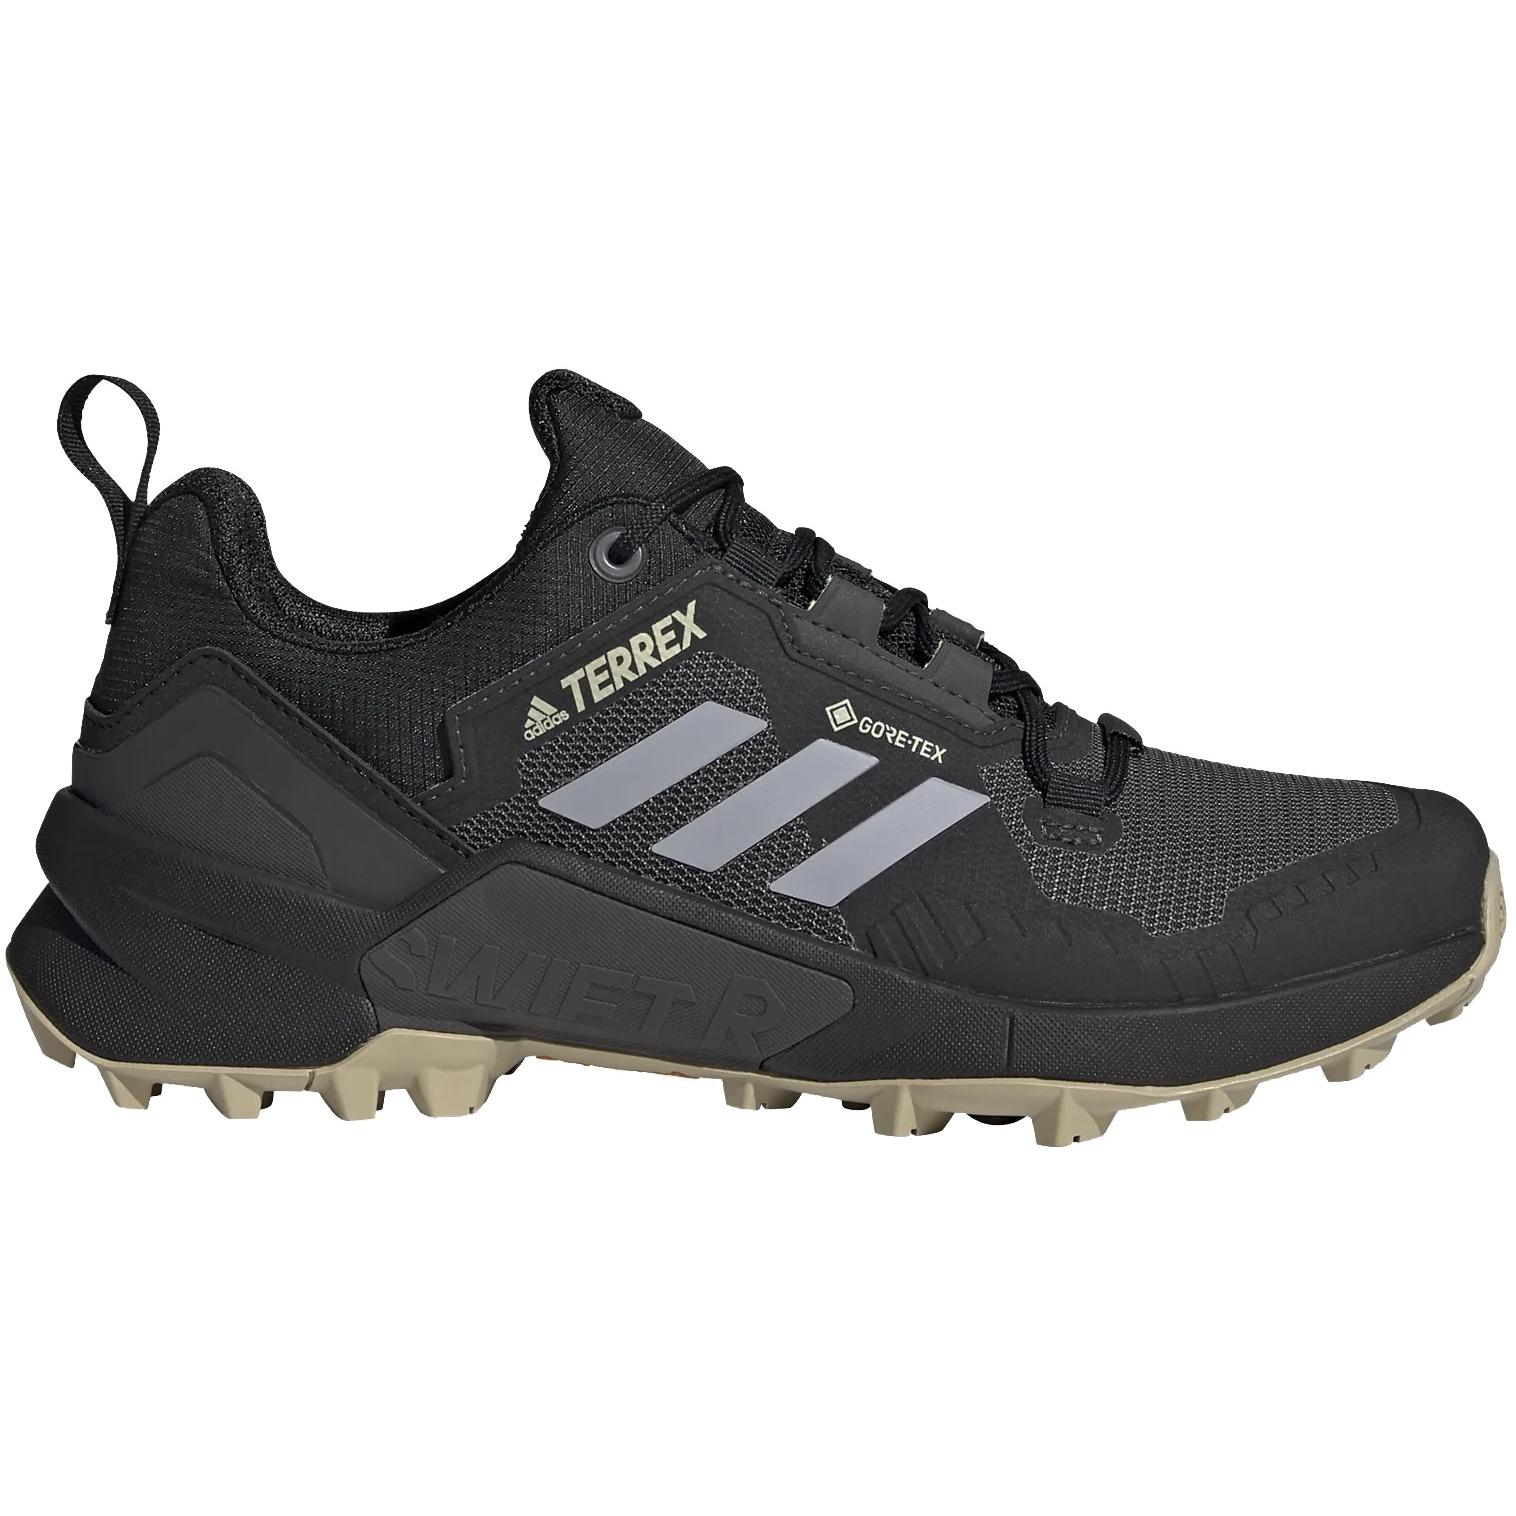 adidas TERREX Swift R3 GORE-TEX Zapatillas de Senderismo Mujer - core black/halo silver/dgh solid grey FW2779